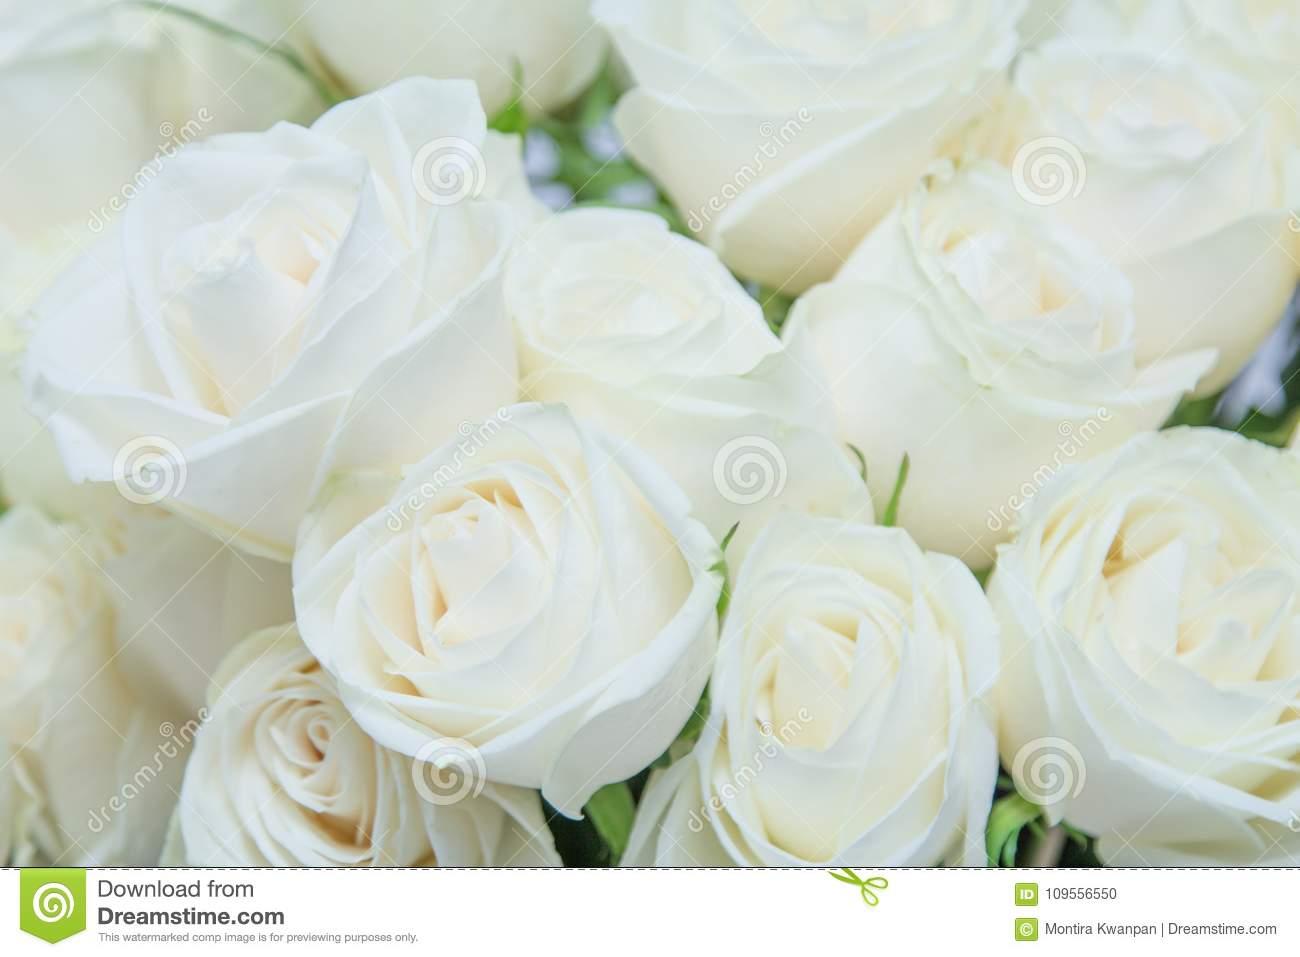 Белые розы (57 фото): особенности красивых цветов, описание лучших больших кустов роз. характеристики роз «белый медведь» и других сортов